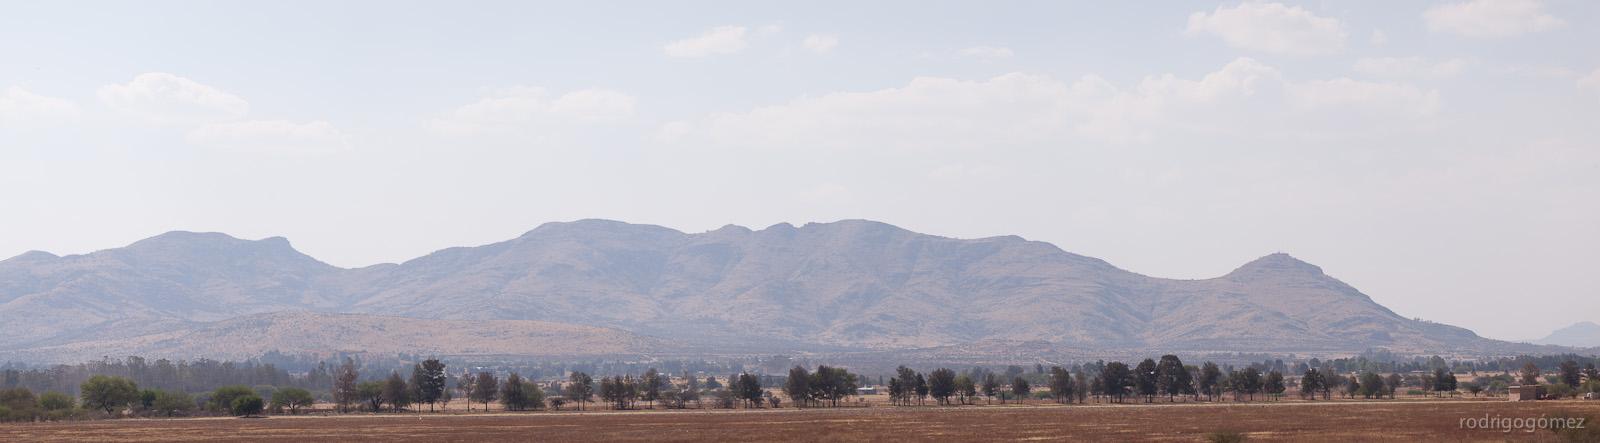 Cerro del Muerto I - Aguascalientes